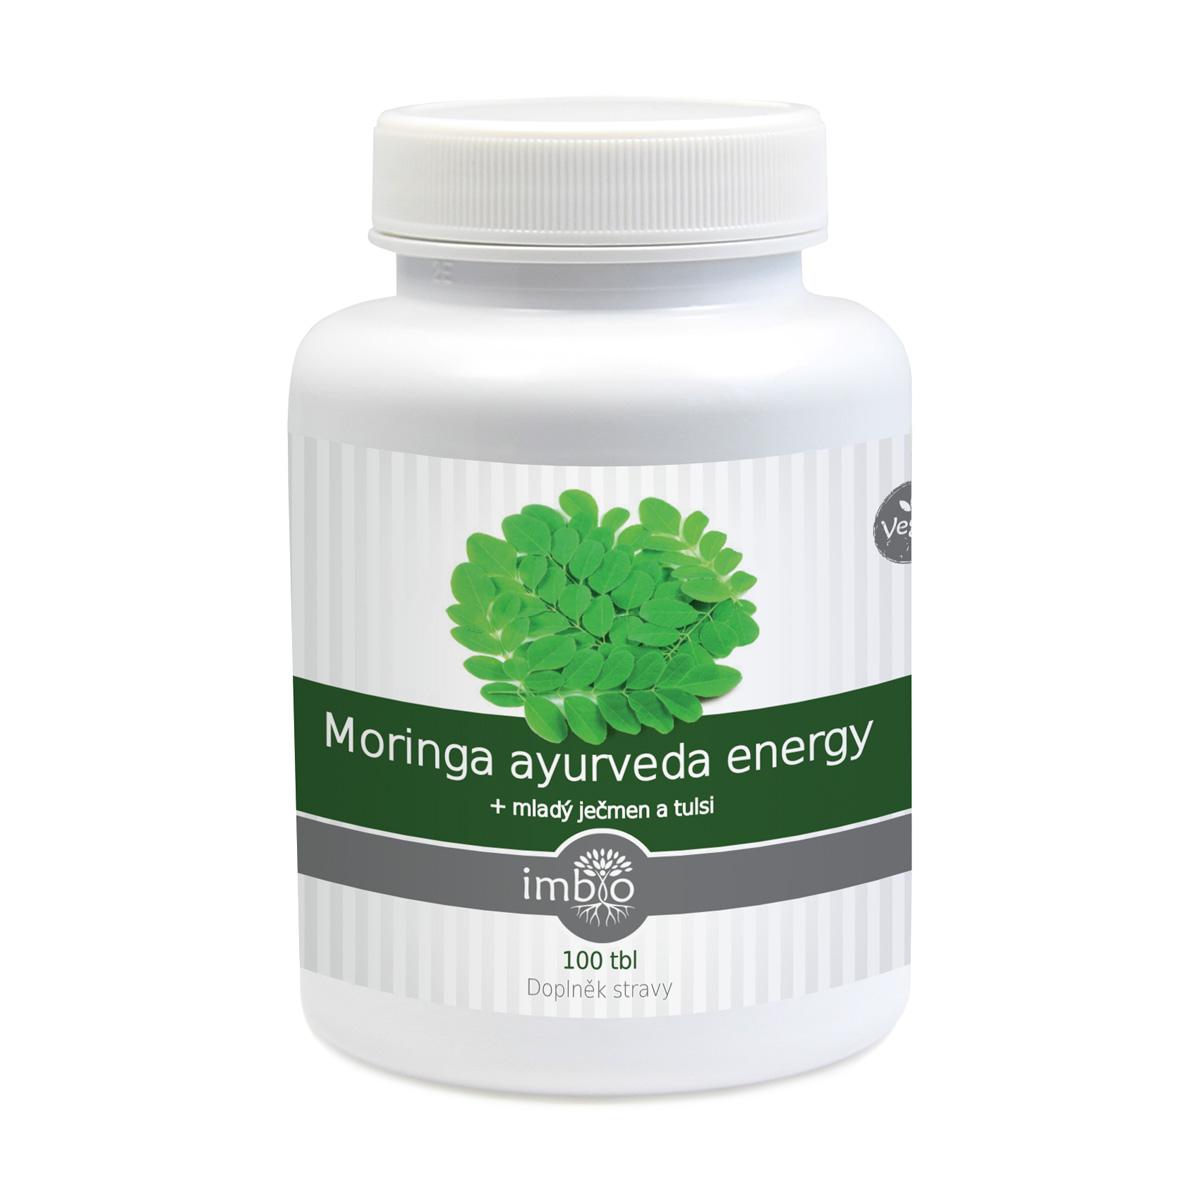 imbio Moringa ayurveda energy 100 tbl